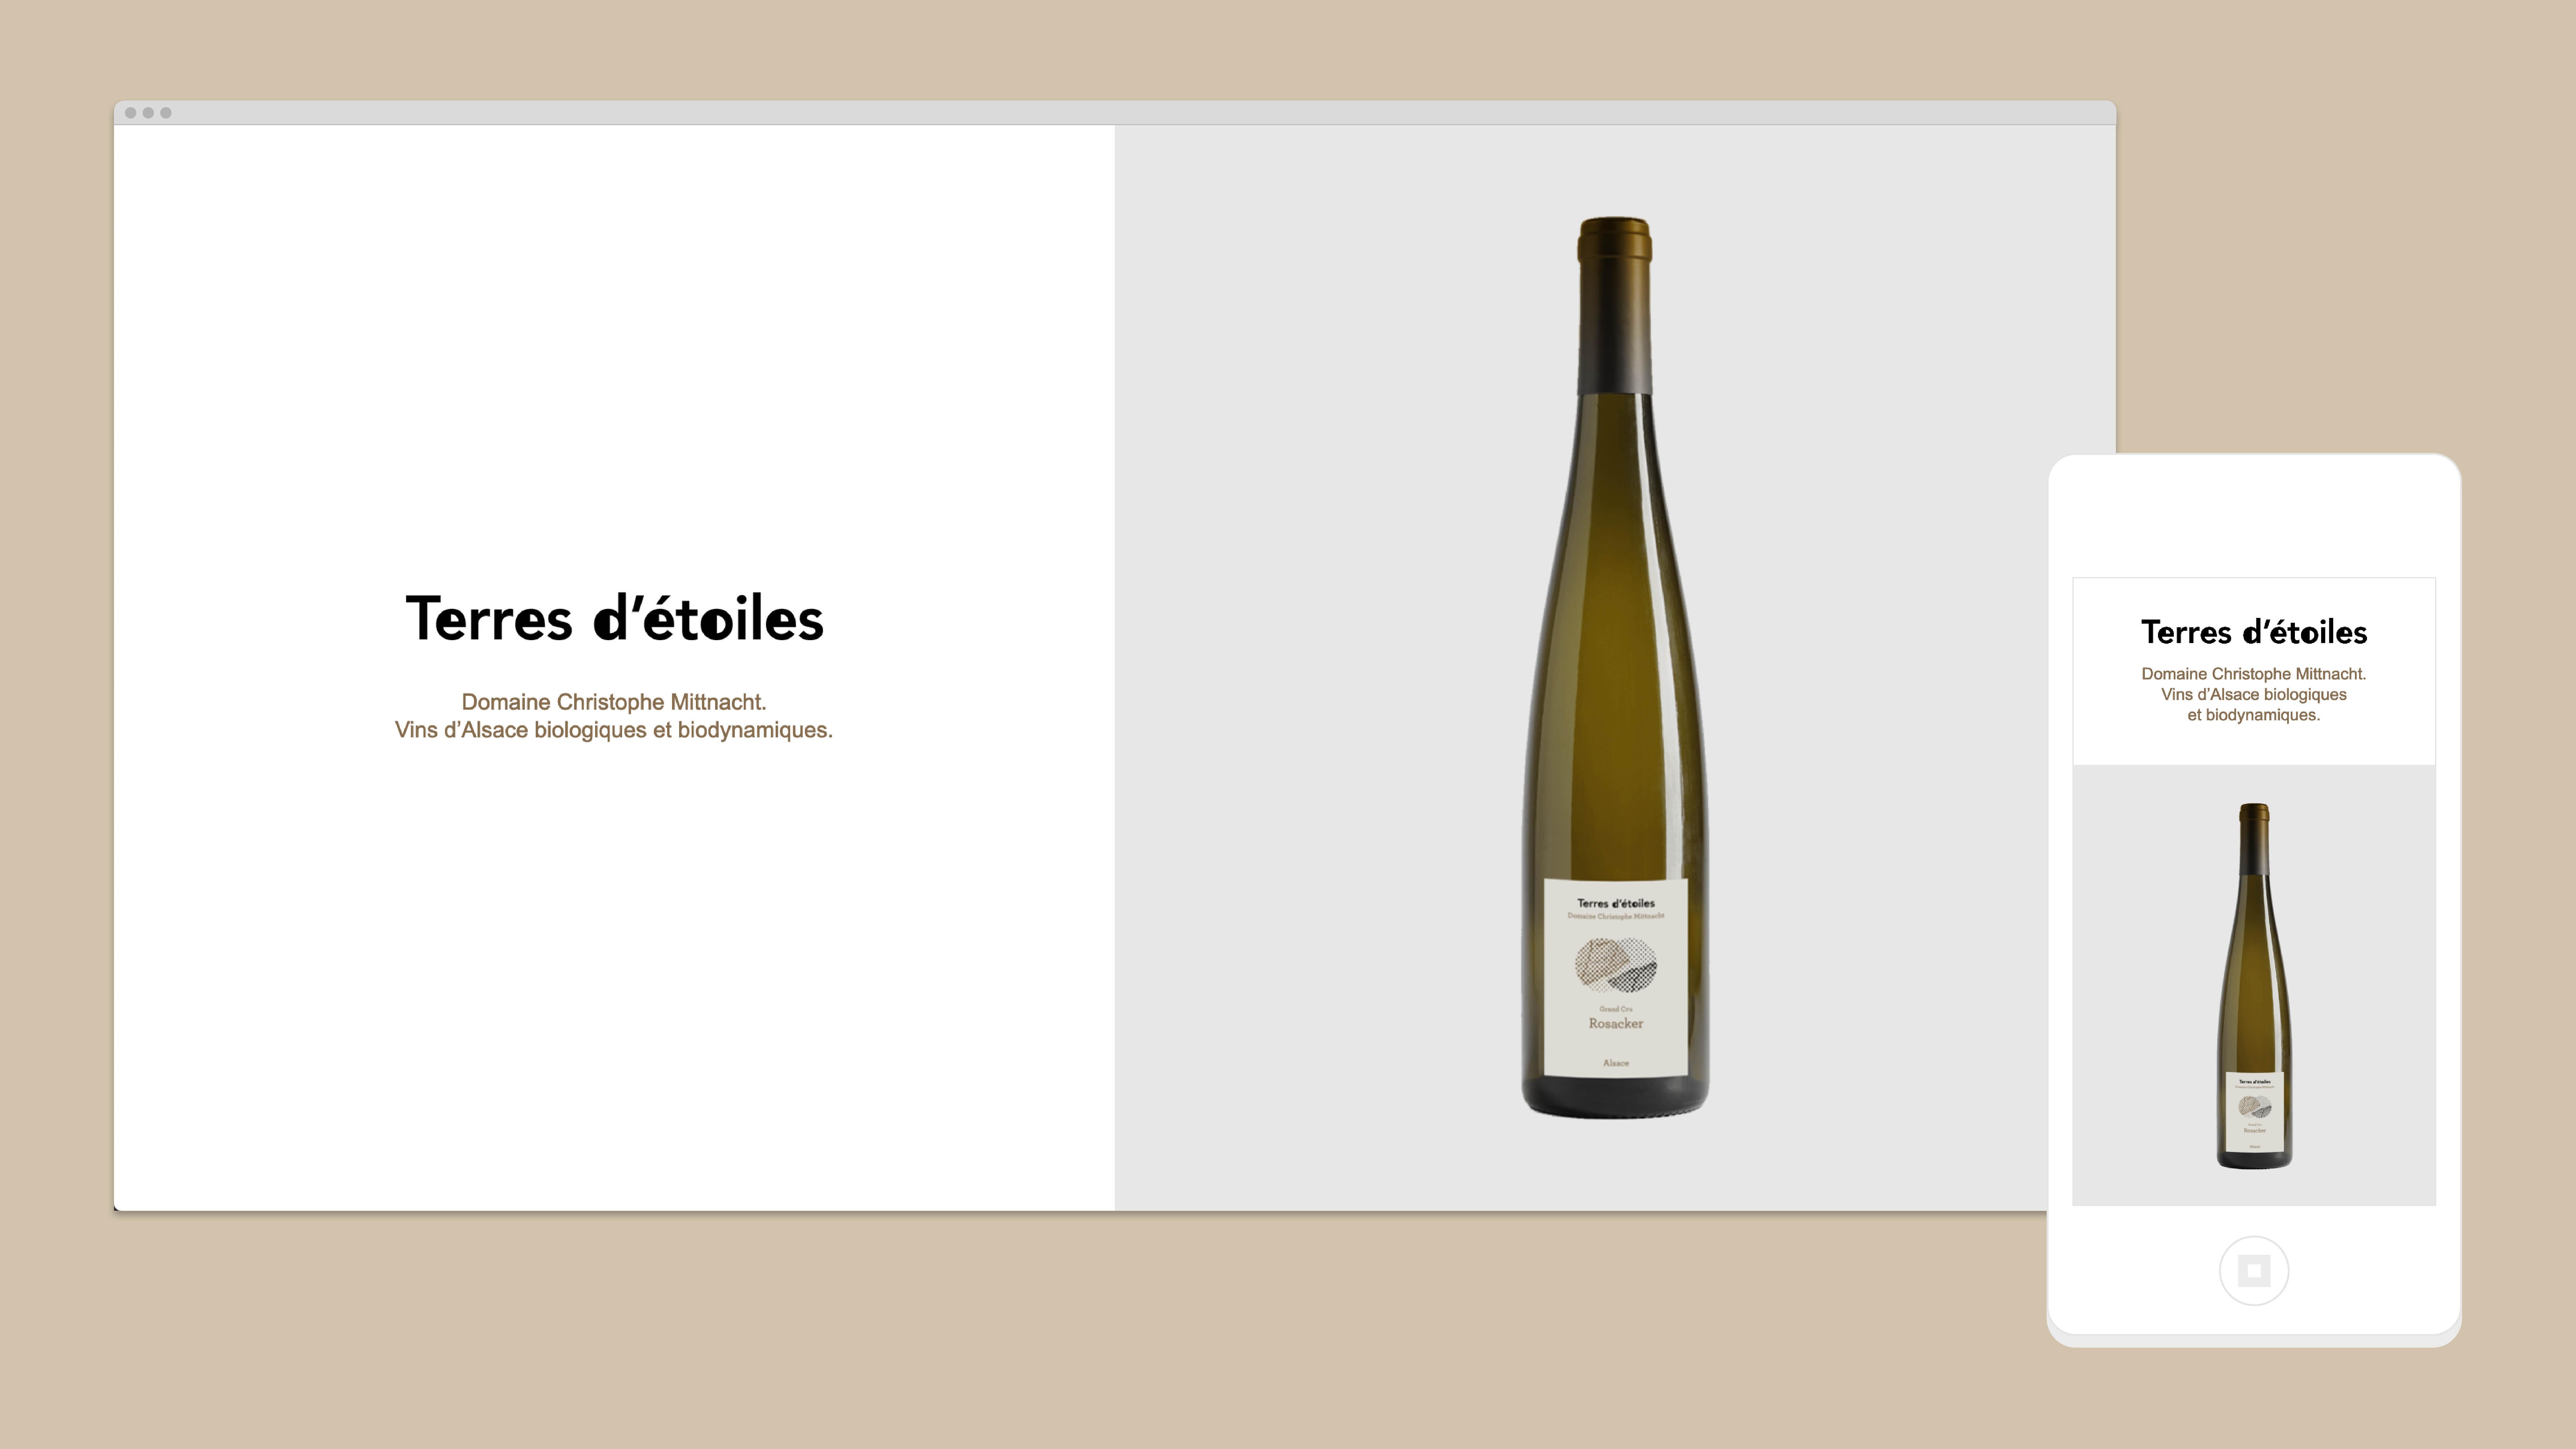 Page d'accueil du site Web Terres d'étoiles domaine Christophe Mittnacht